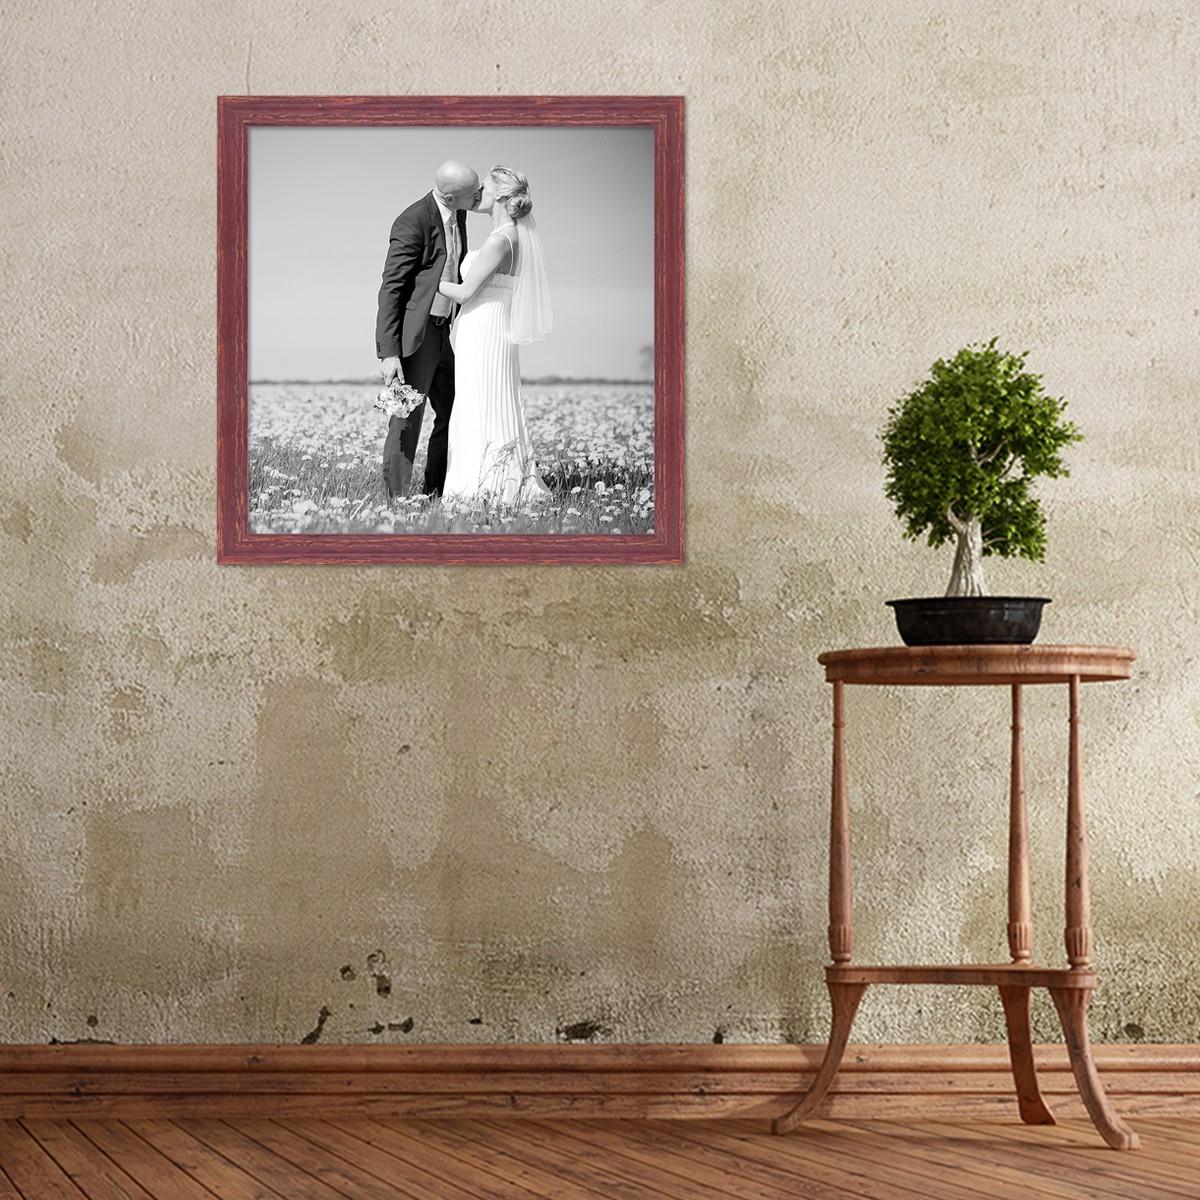 bilderrahmen 50x50 cm holz rot braun shabby chic vintage massivholz mit glasscheibe und zubeh r. Black Bedroom Furniture Sets. Home Design Ideas